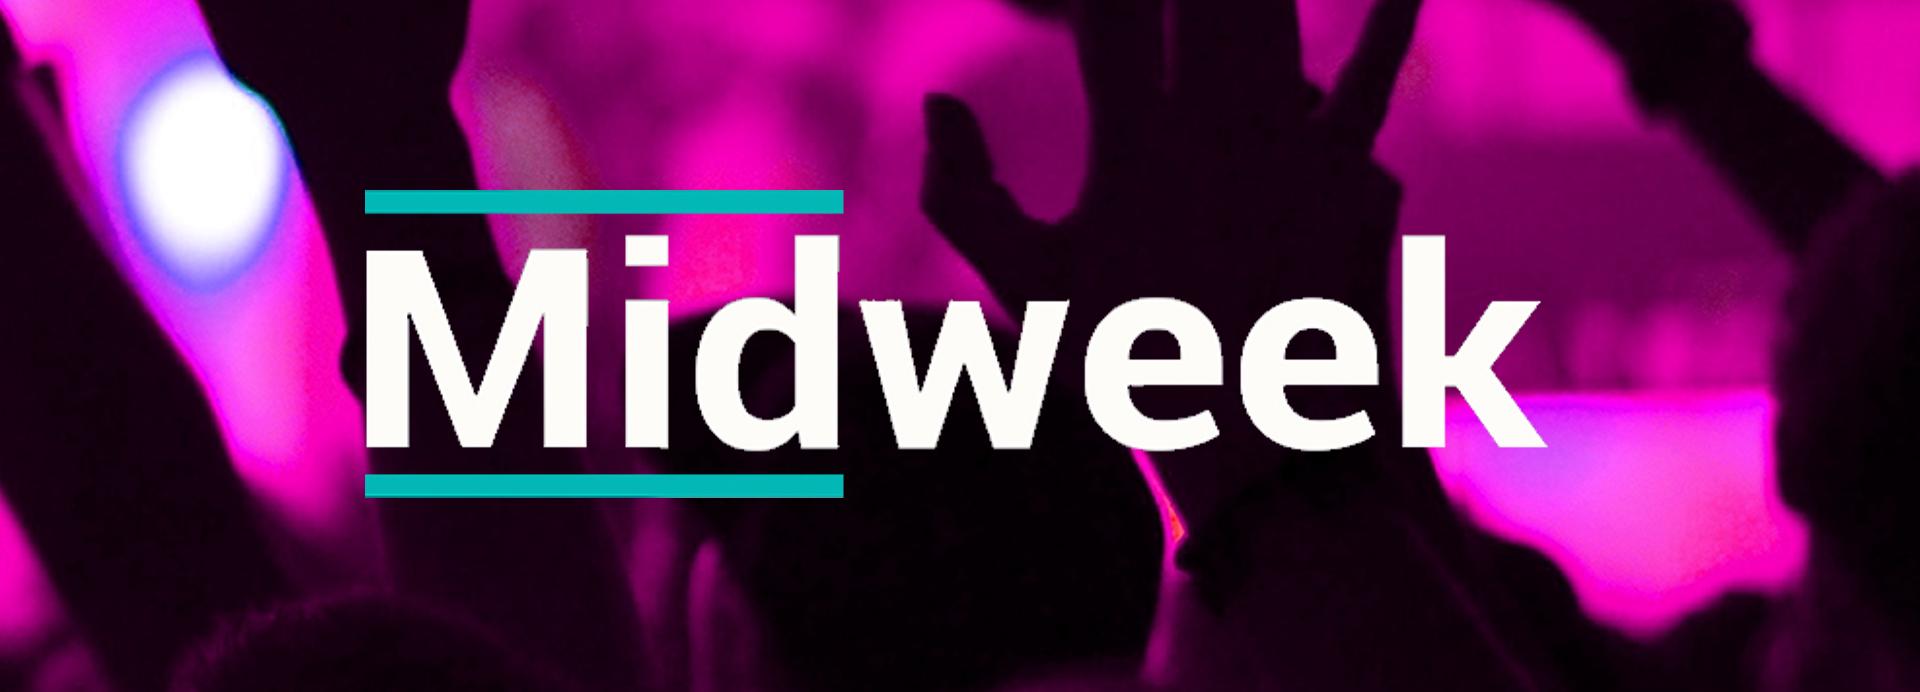 Midweek Sermons banner.jpg